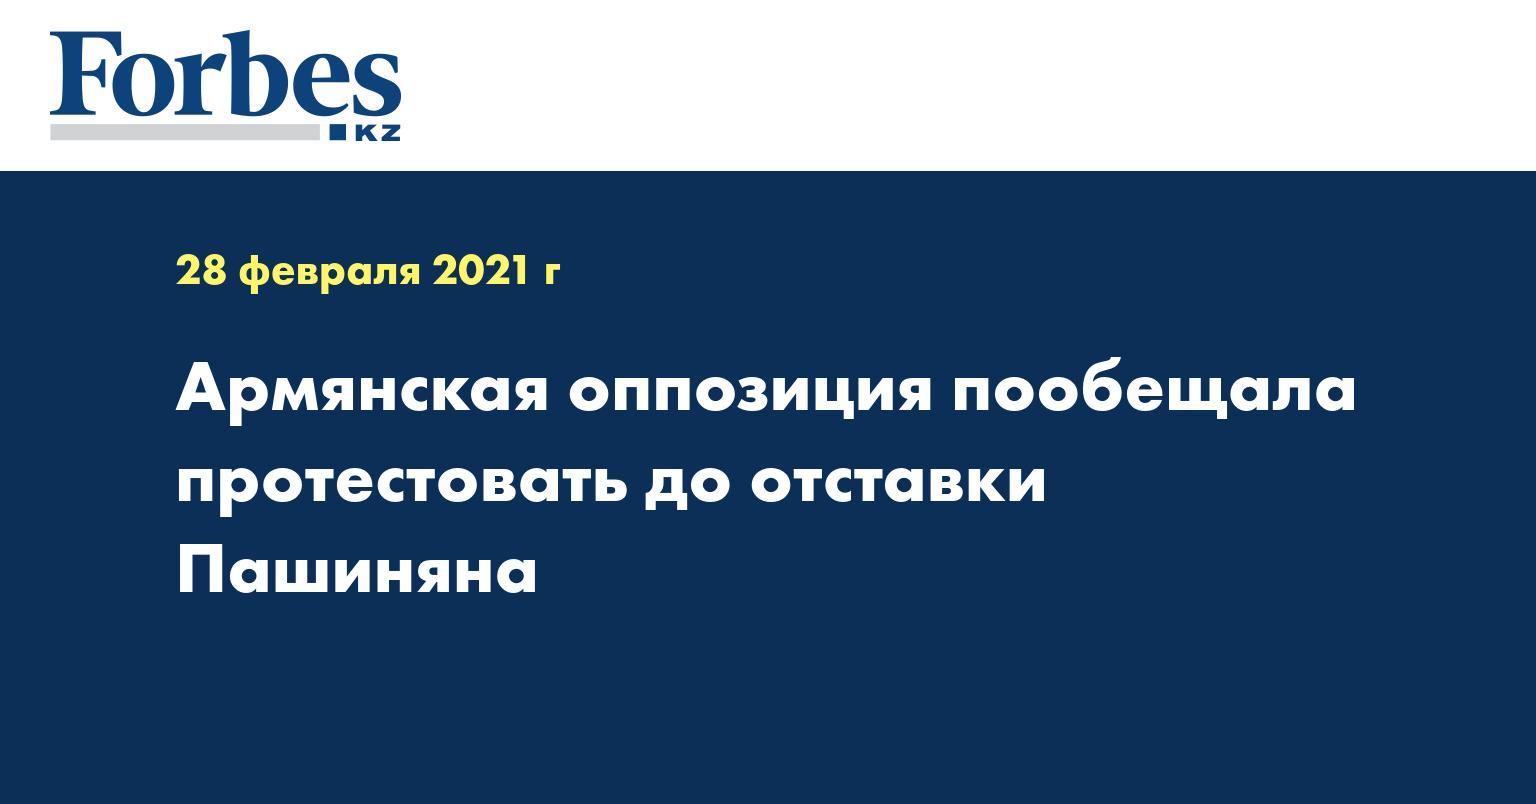 Армянская оппозиция пообещала протестовать до отставки Пашиняна